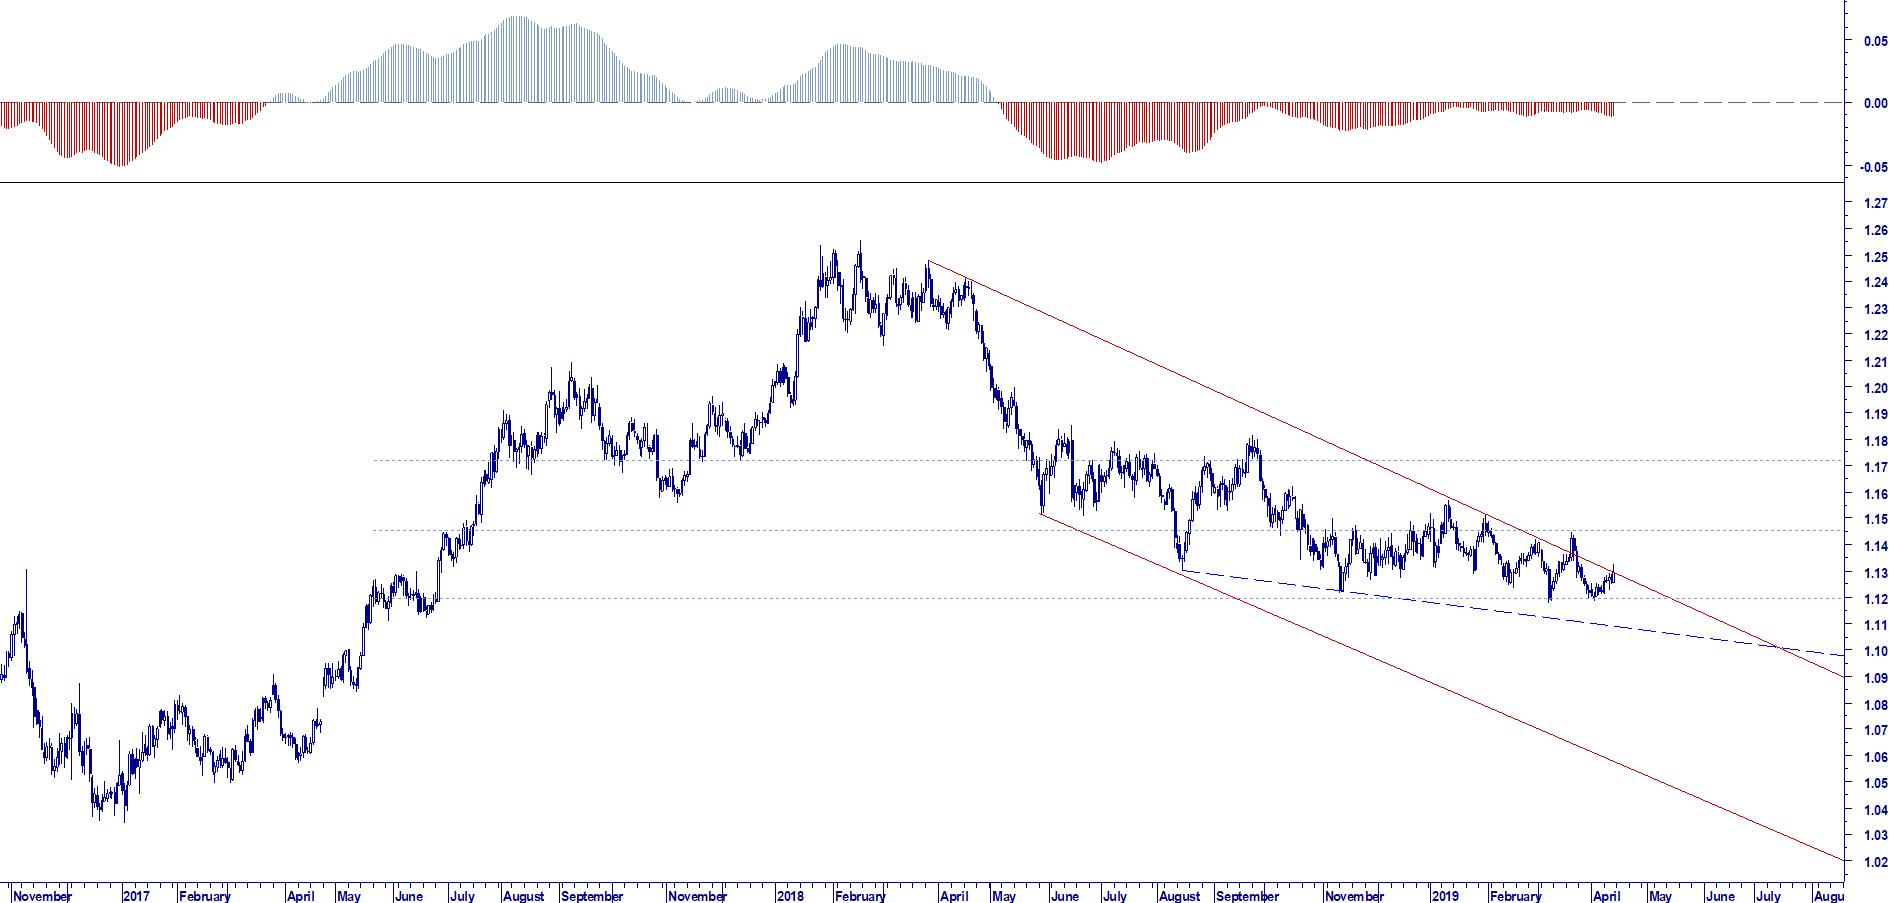 WB ENTERPRISE RISK MANAGEMENT : EUR USD TREND